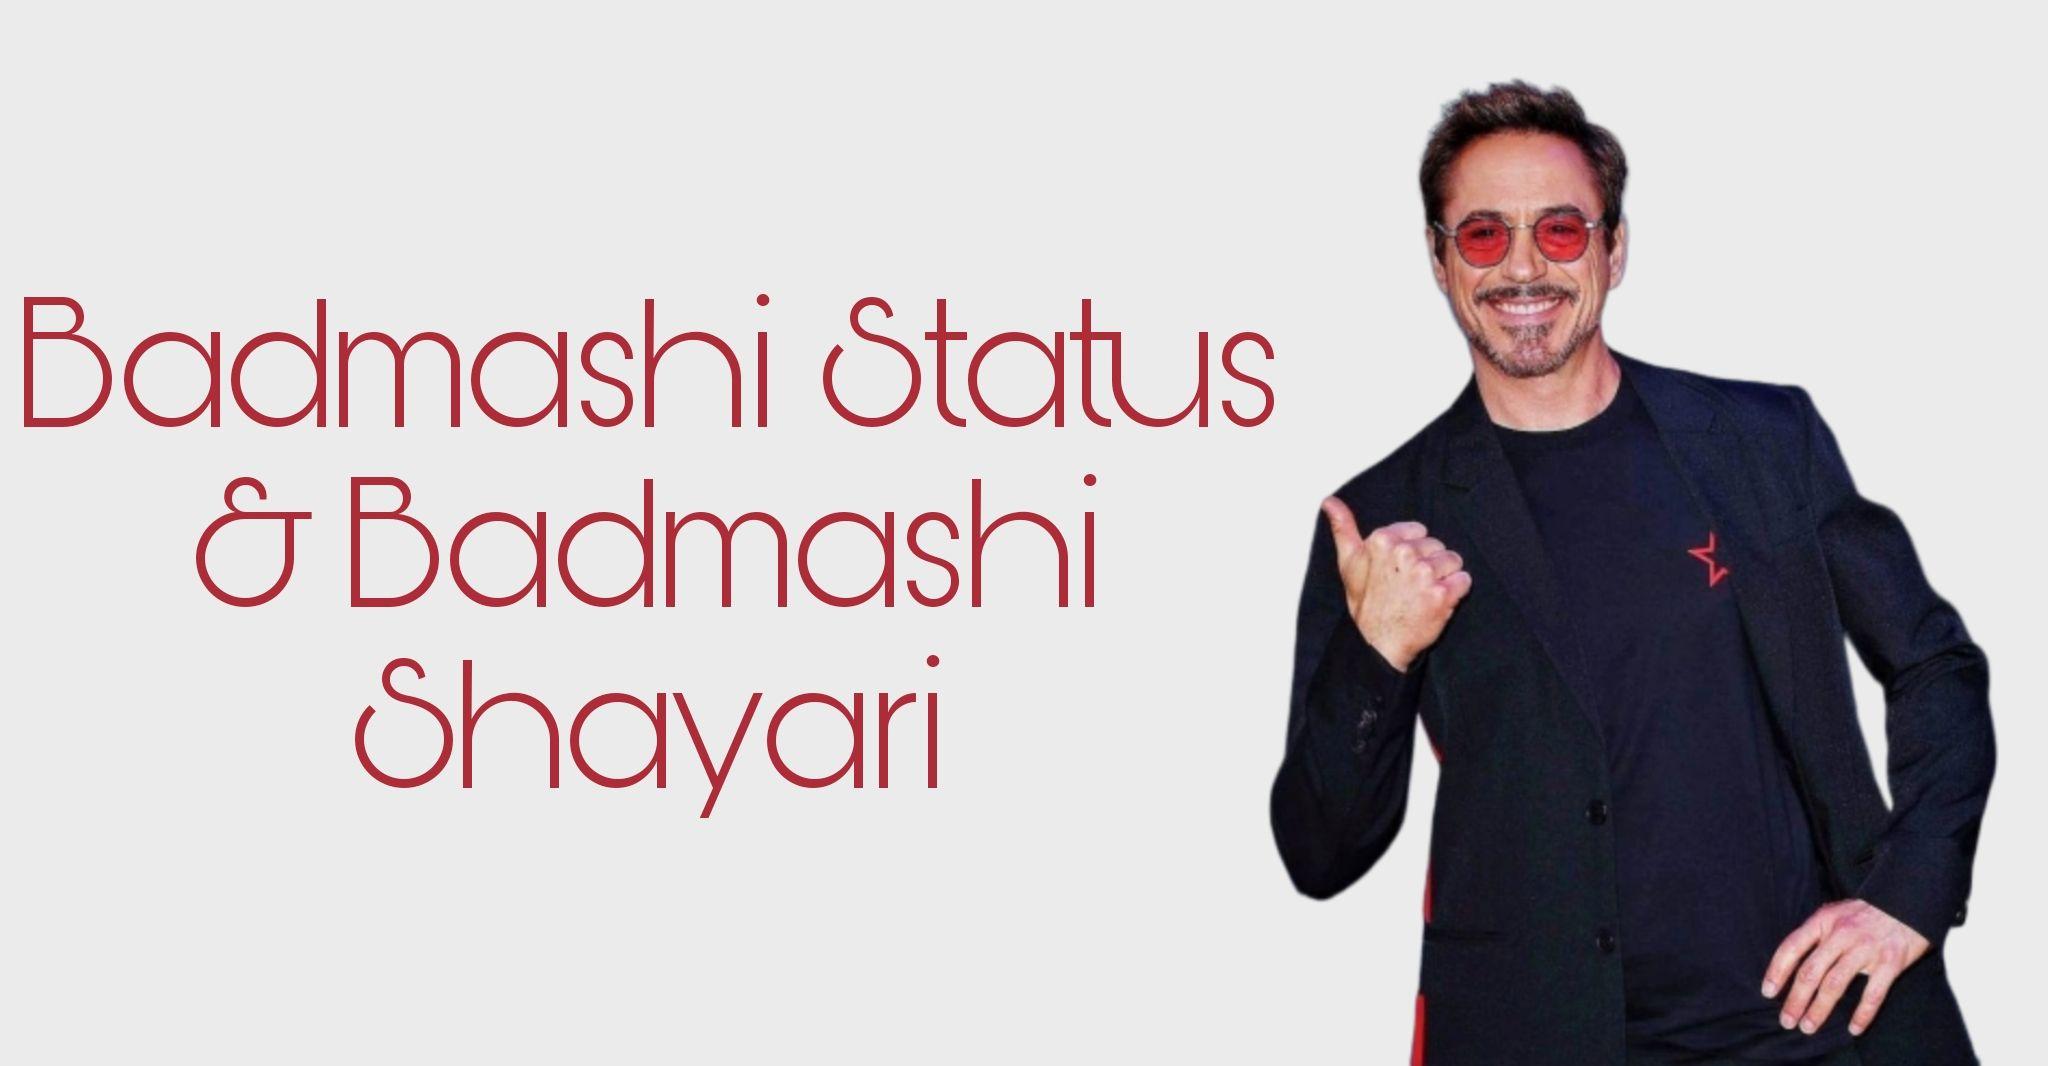 badmashi attitude Status, Badmashi Attitude Status Shayari in Hindi